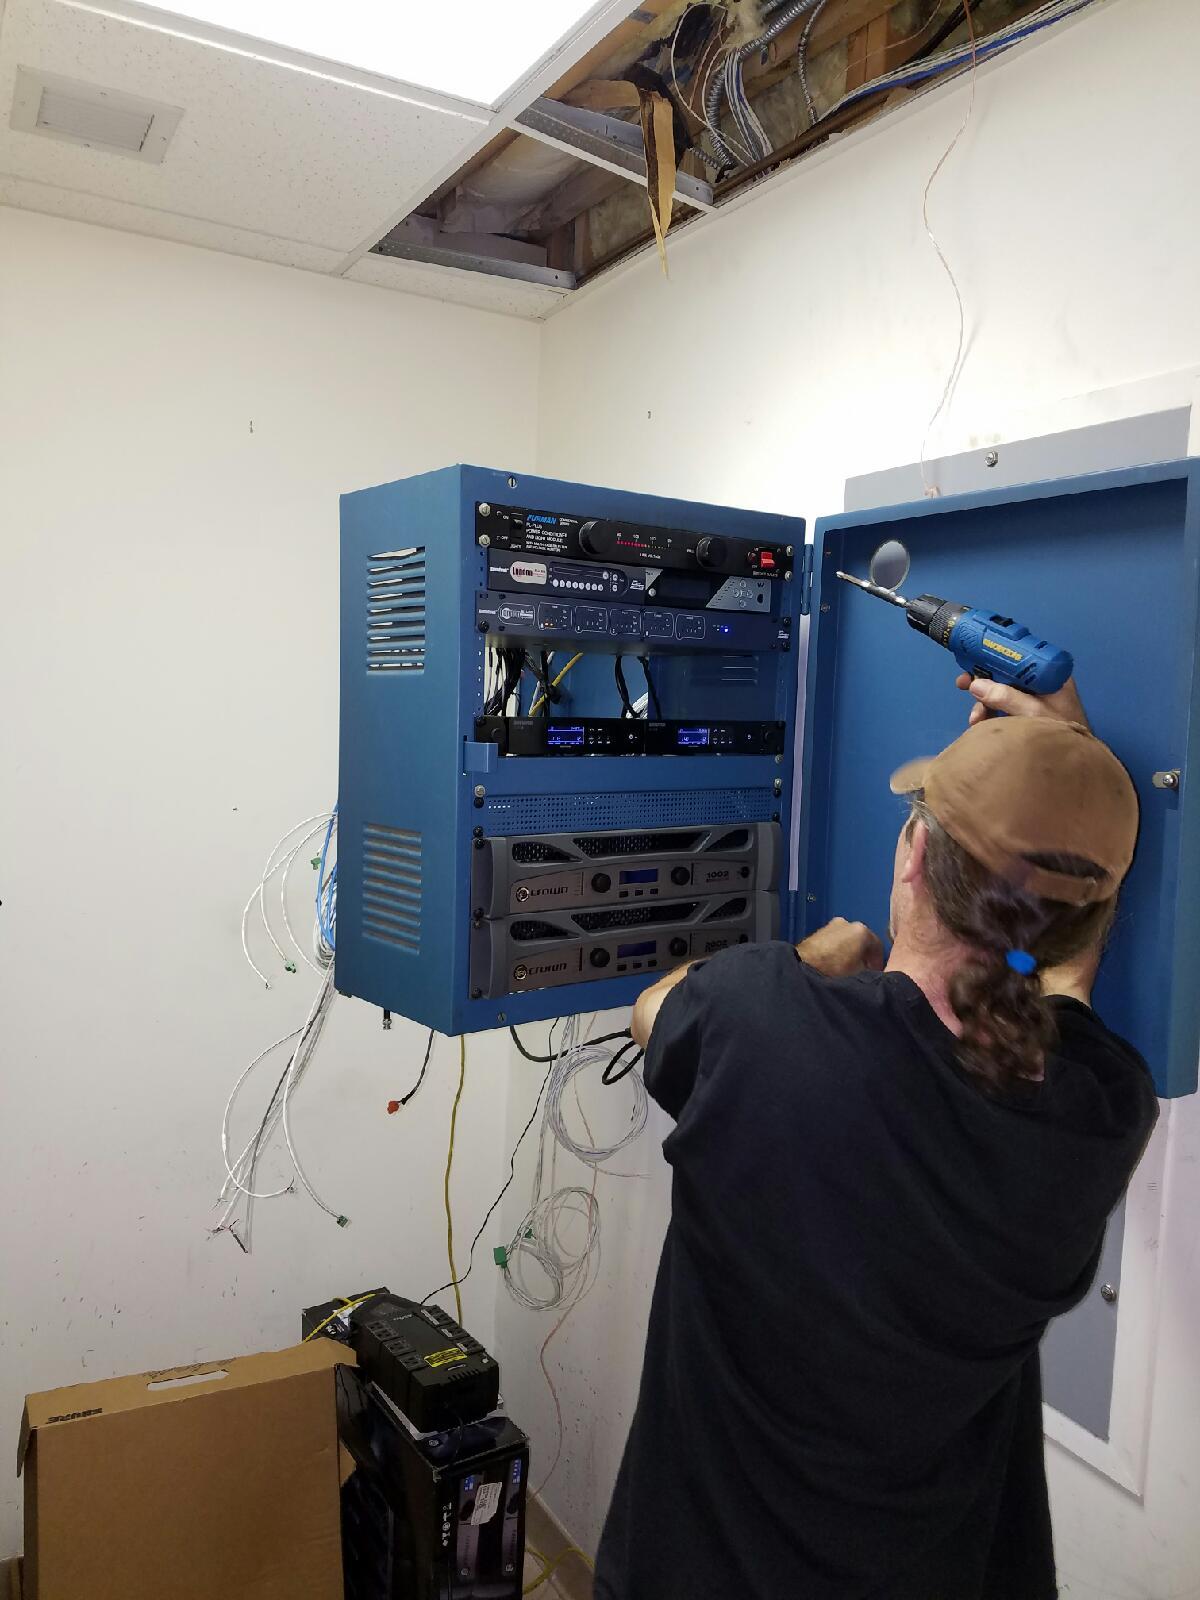 installation work